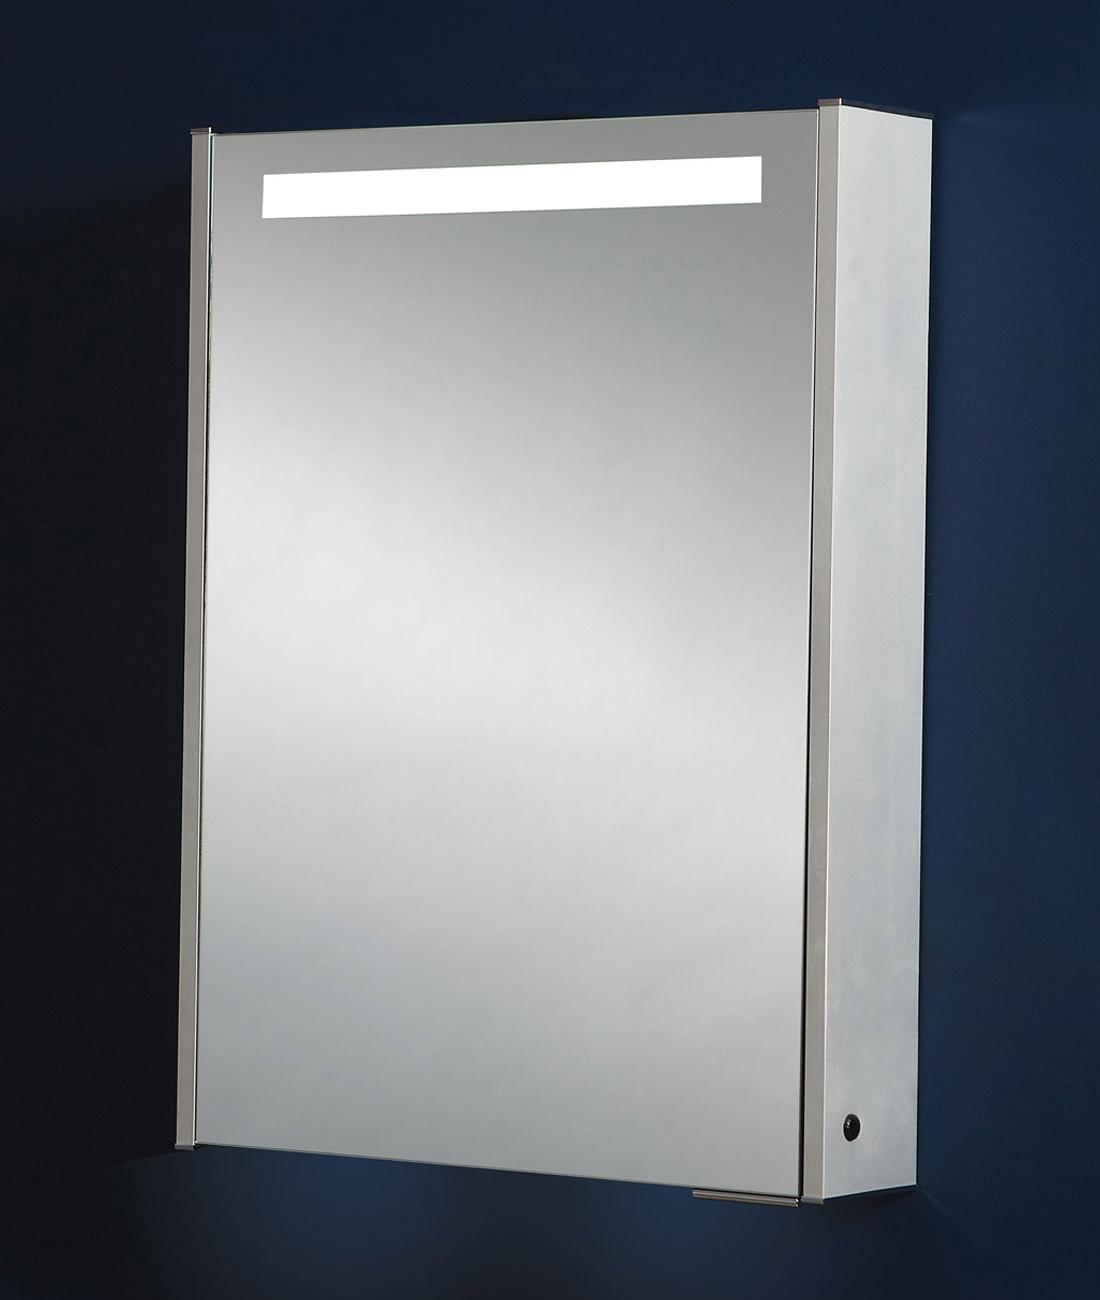 Phoenix Double Door Aluminium Mirror Cabinet 630 X 700mm Mi032